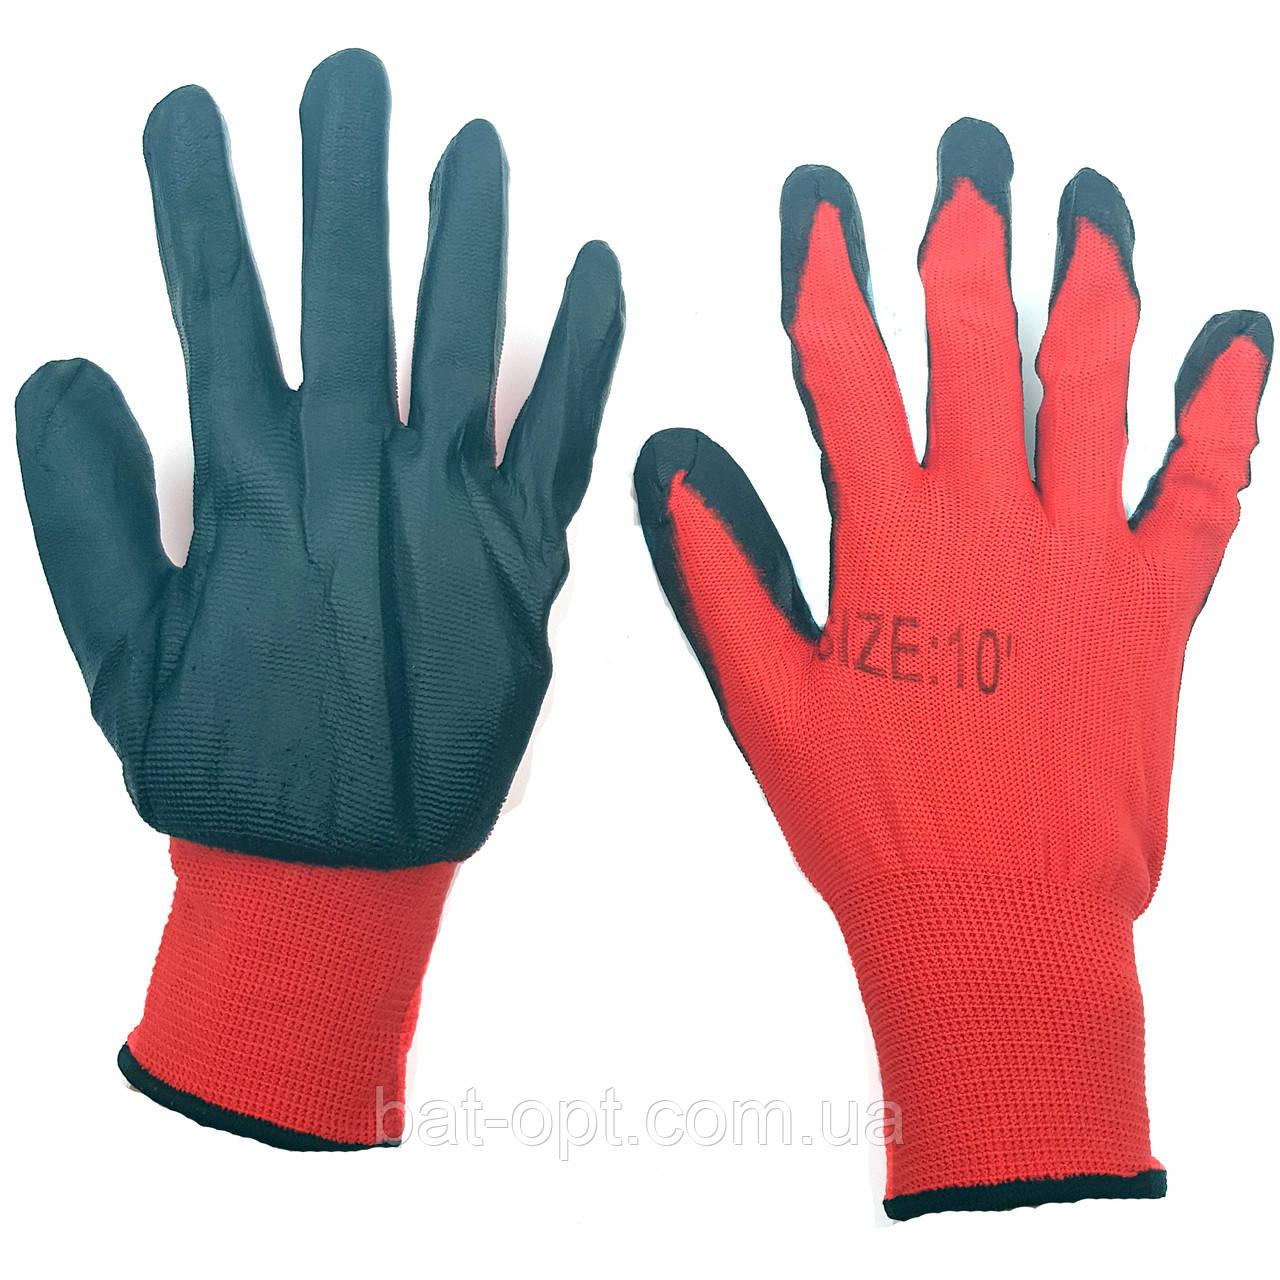 Перчатки рабочие Стрейч красно-черные с прорезиненным покрытием, размер 10